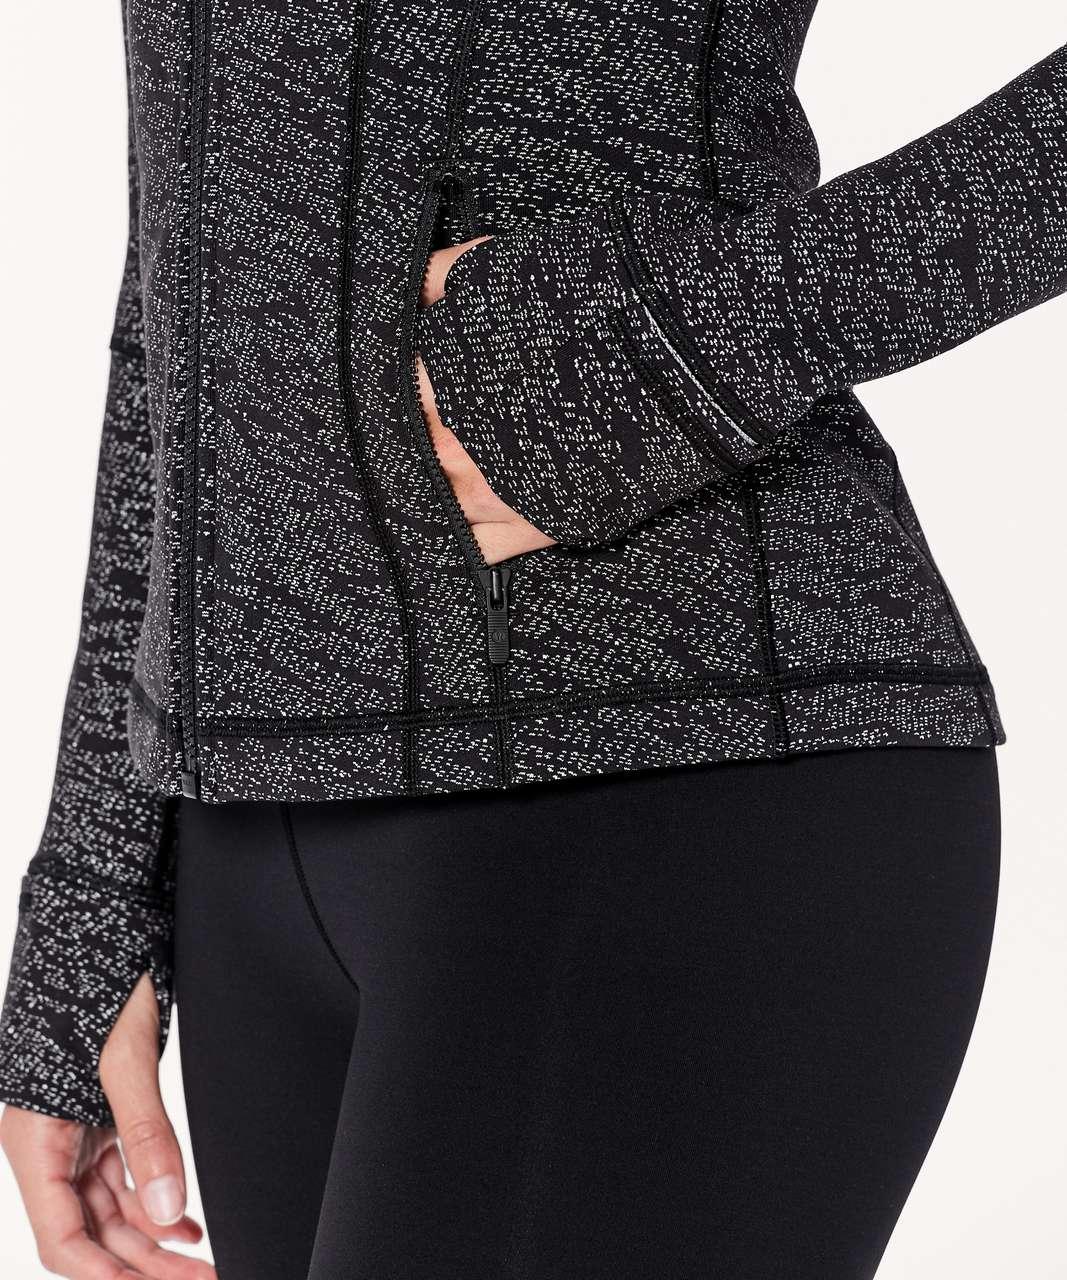 Lululemon Define Jacket - Luon Frayed Camo Black White